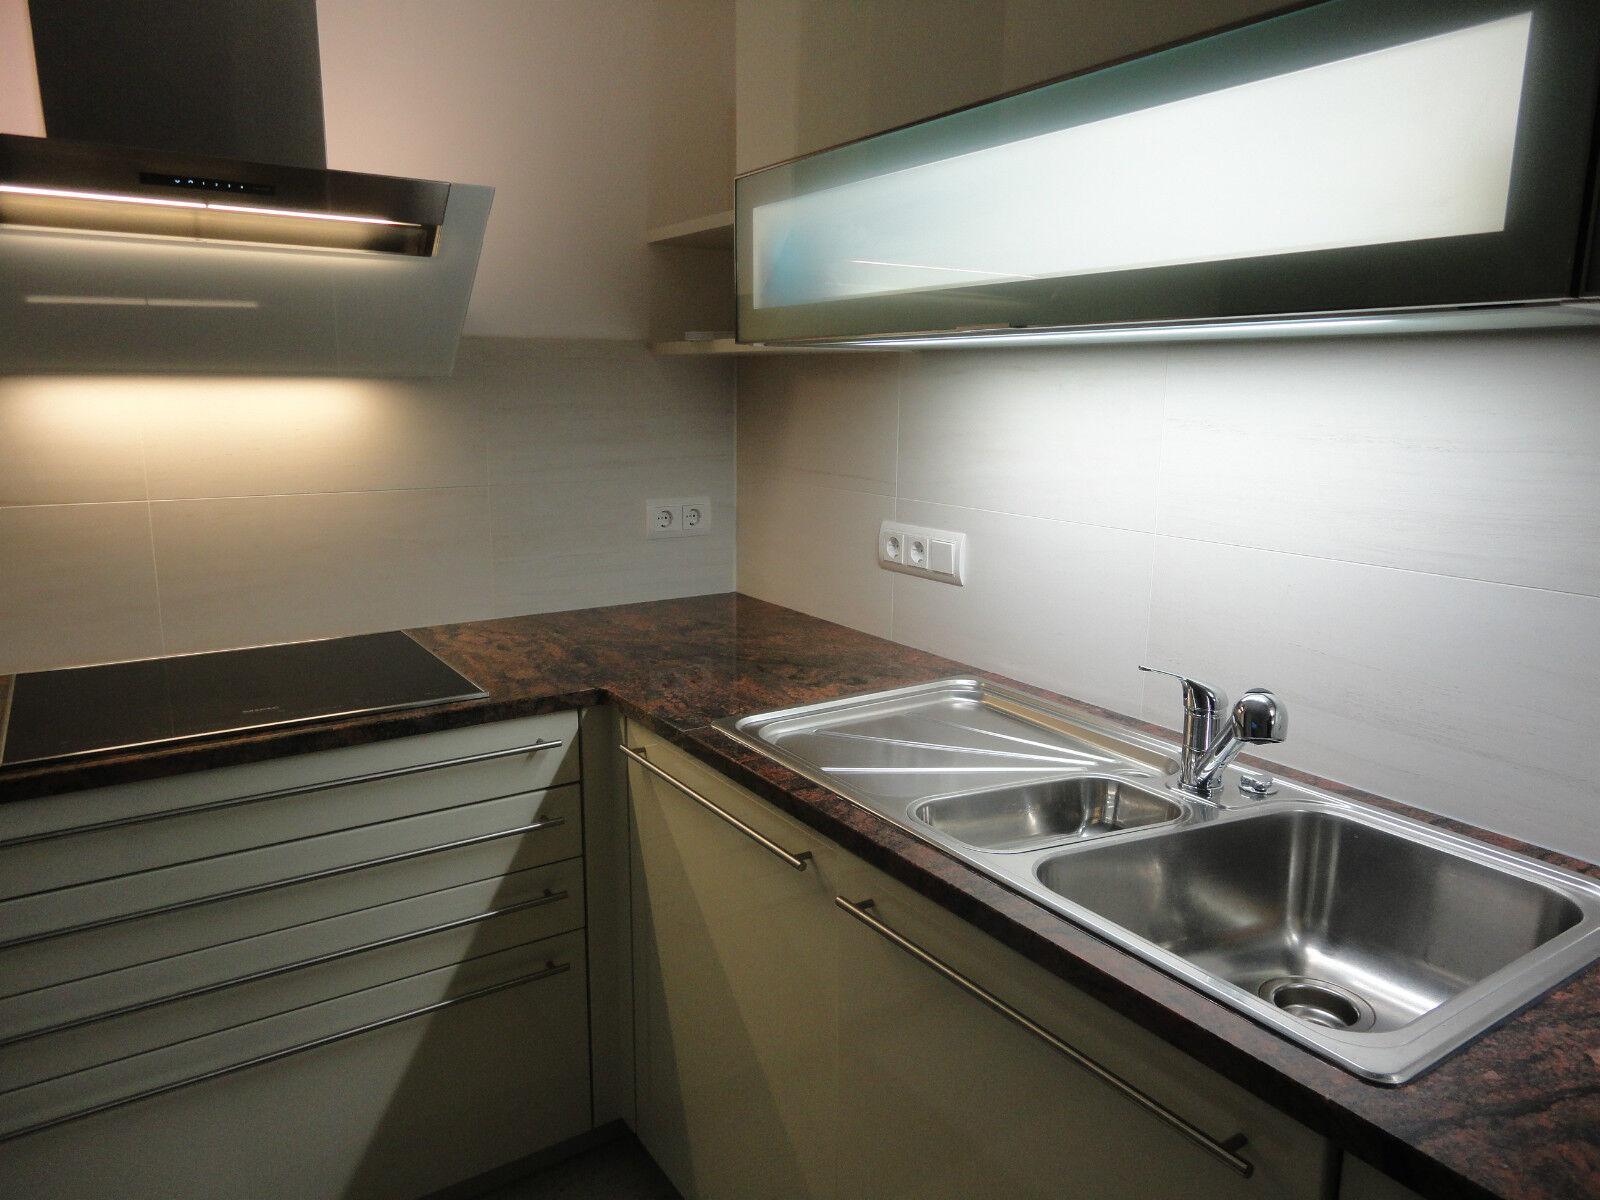 k chenarbeitsplatte abdeckung k che granitarbeitsplatte steinarbeitsplatte neu eur 142 99. Black Bedroom Furniture Sets. Home Design Ideas